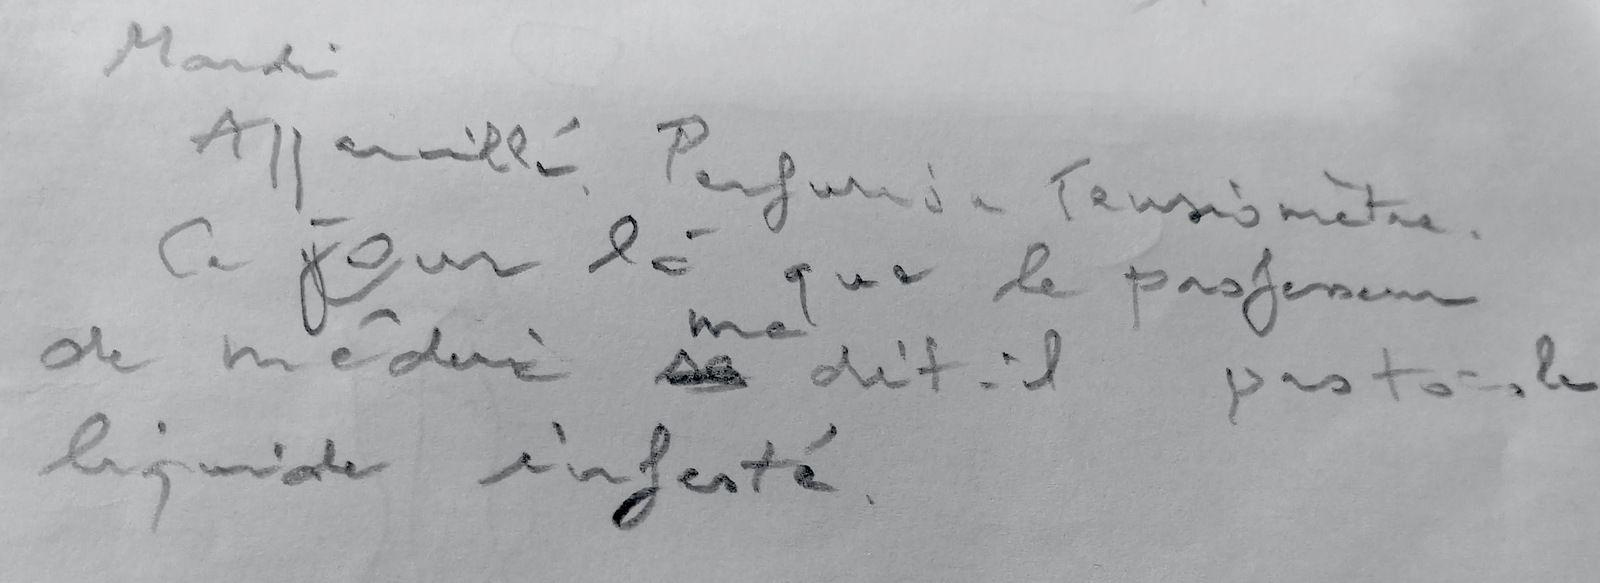 1171 - Journal de l'hôpital (4)